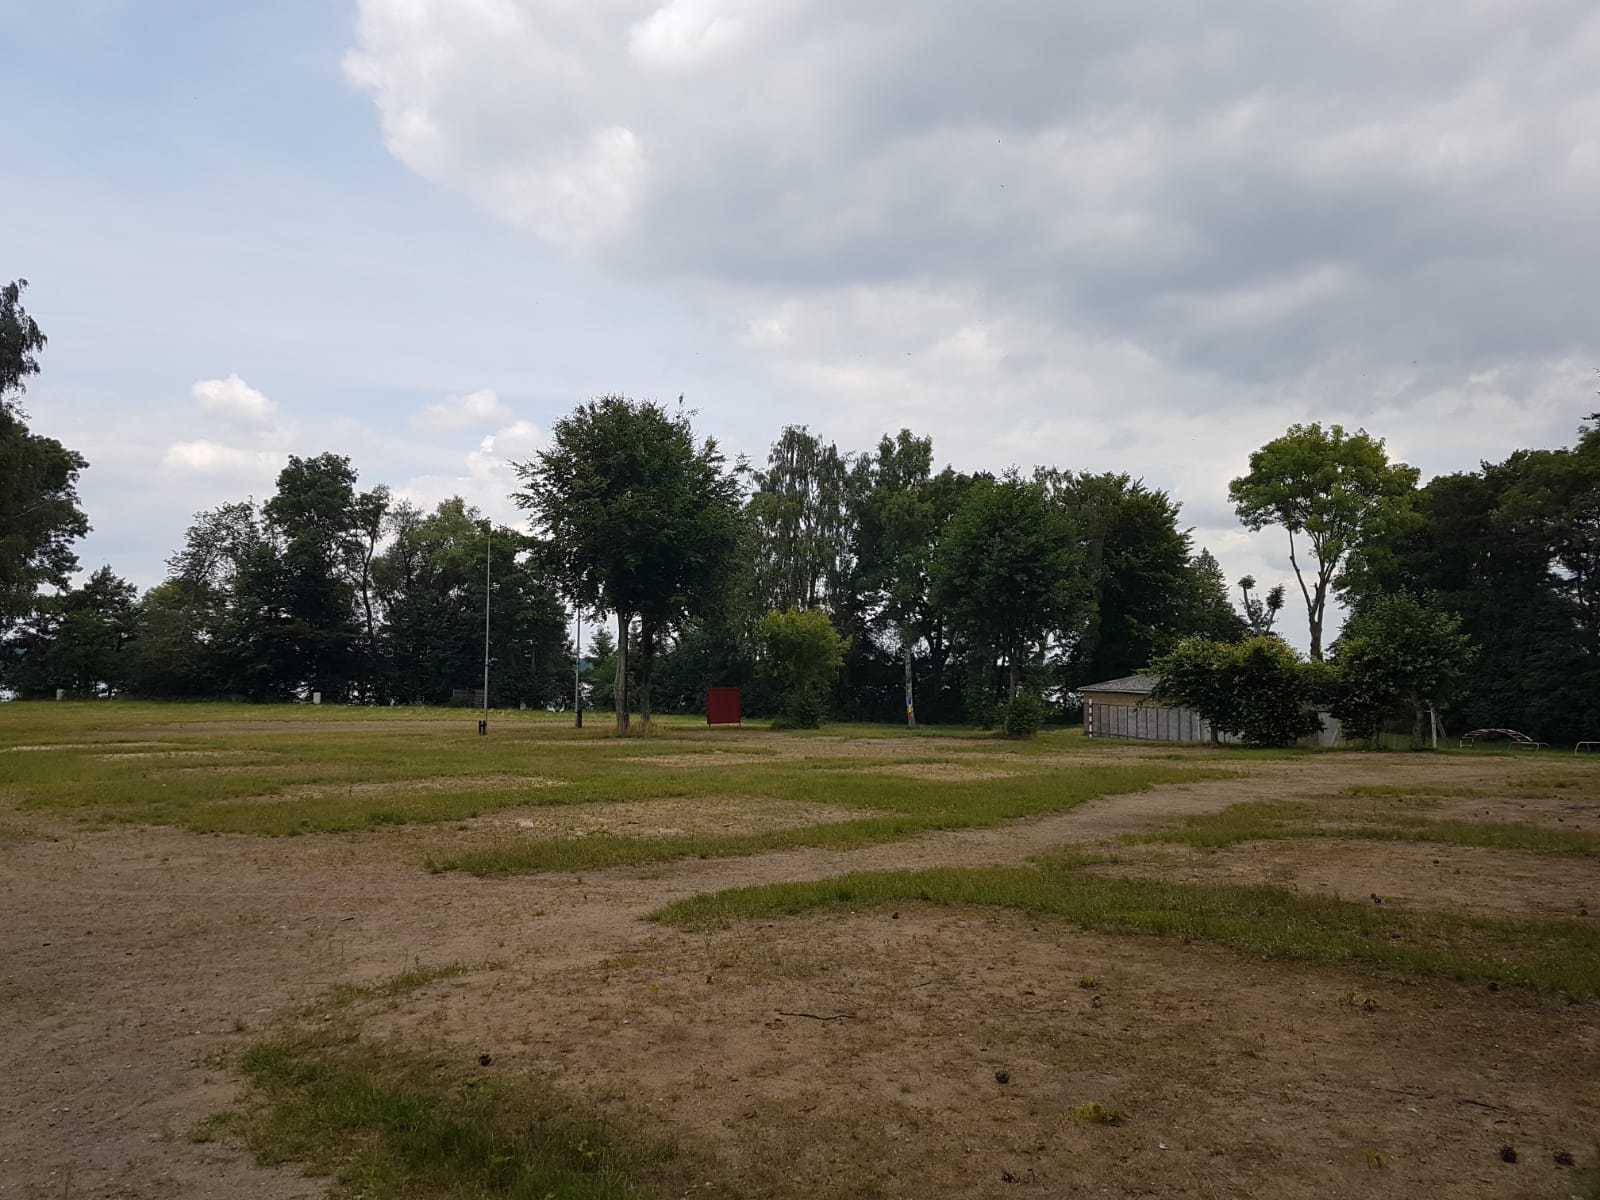 2020_07_18-Adlerhorst-2